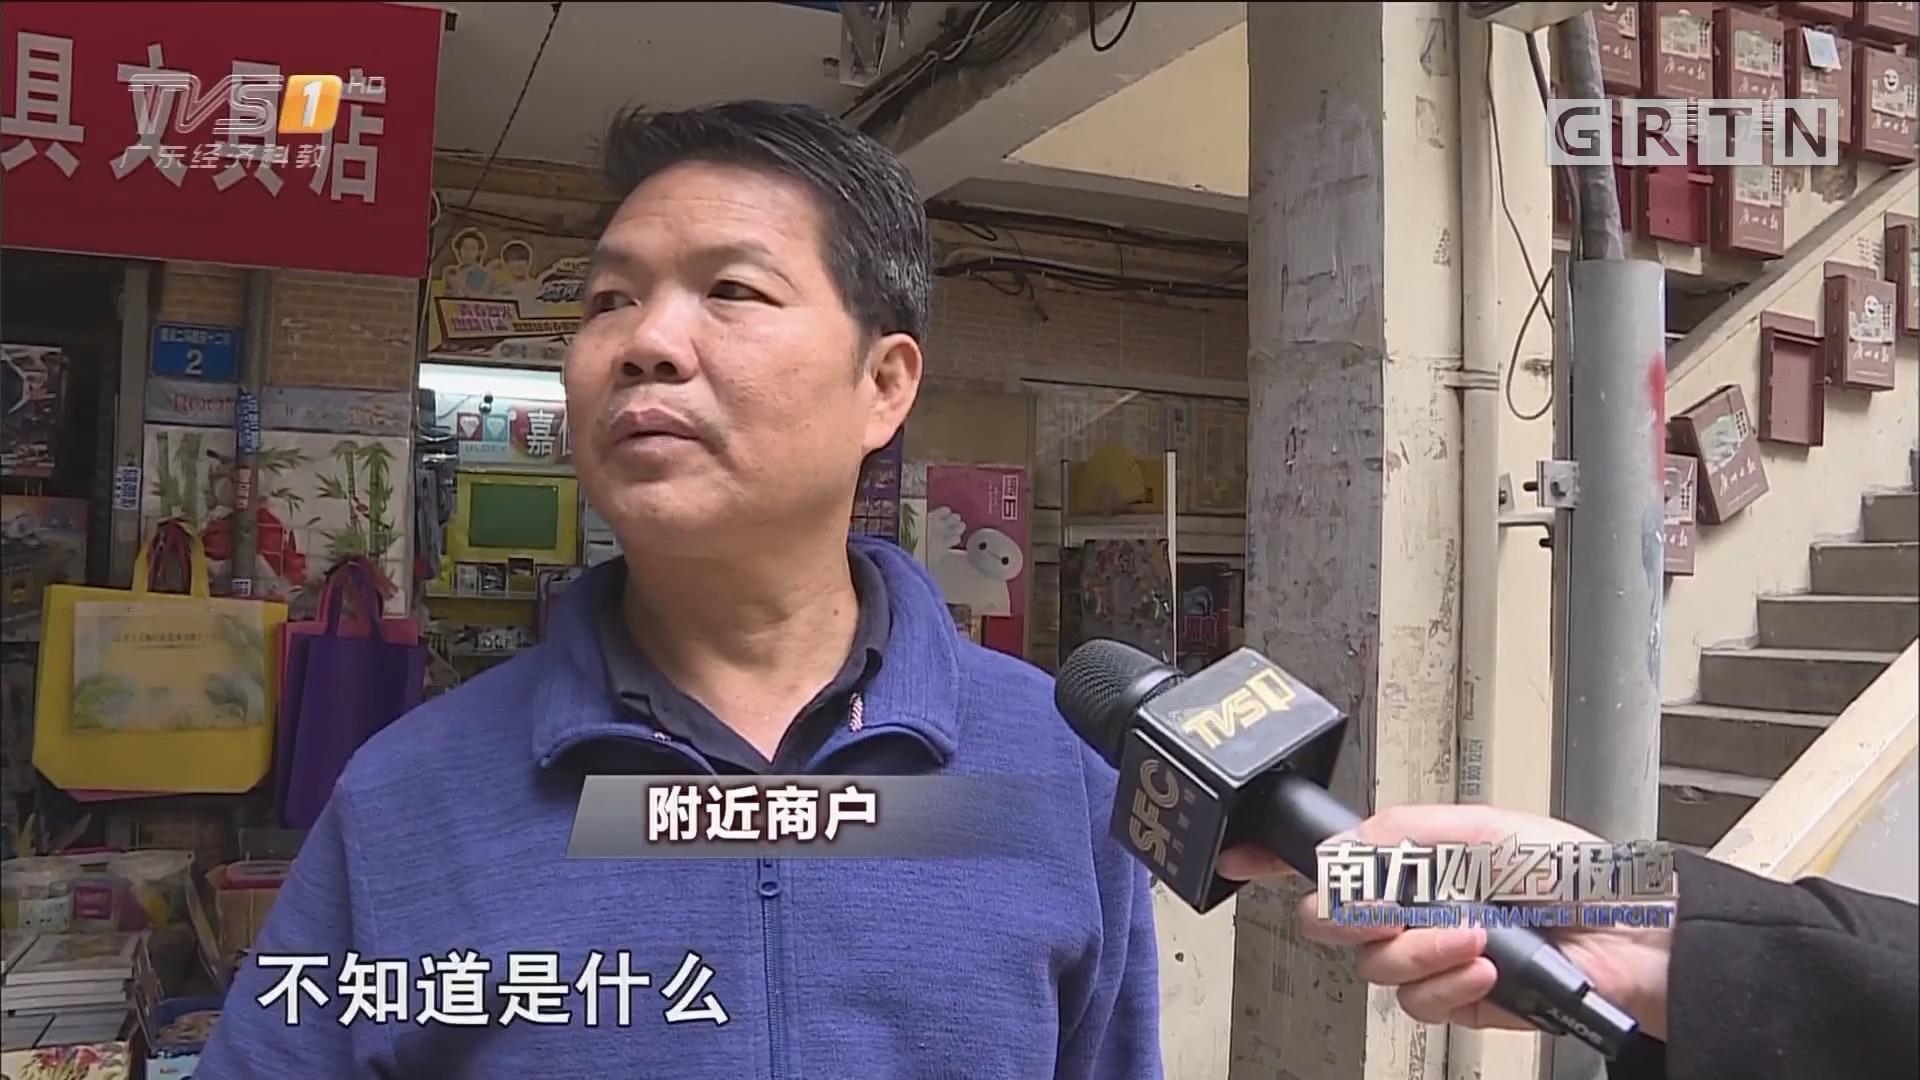 广州一男子因情绪压抑 拿钢珠弹射小学生